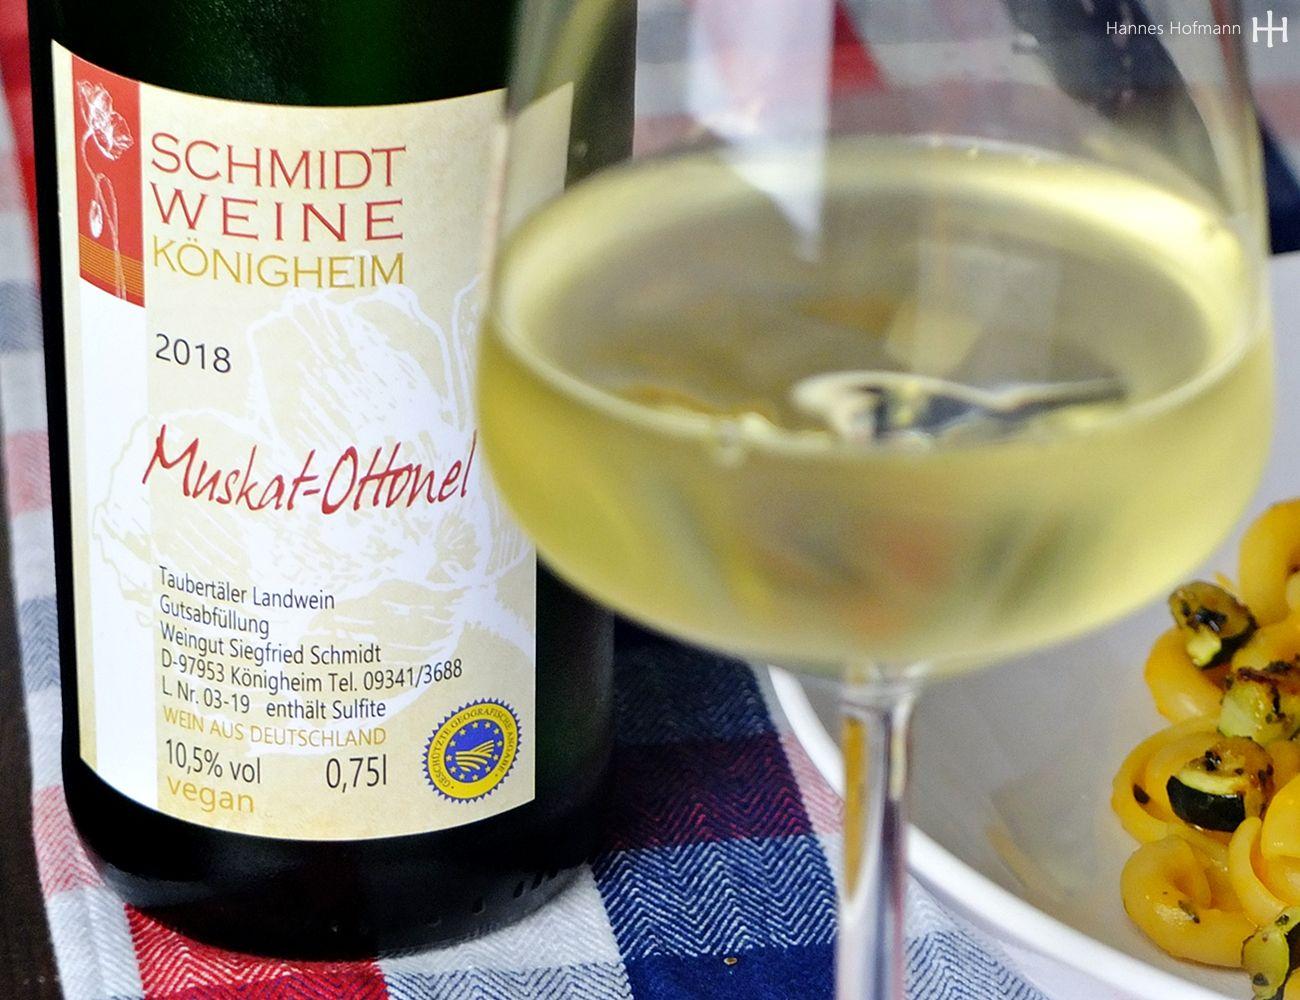 Muskat-Ottonel 2018 - Weingut Schmidt - Königheimer